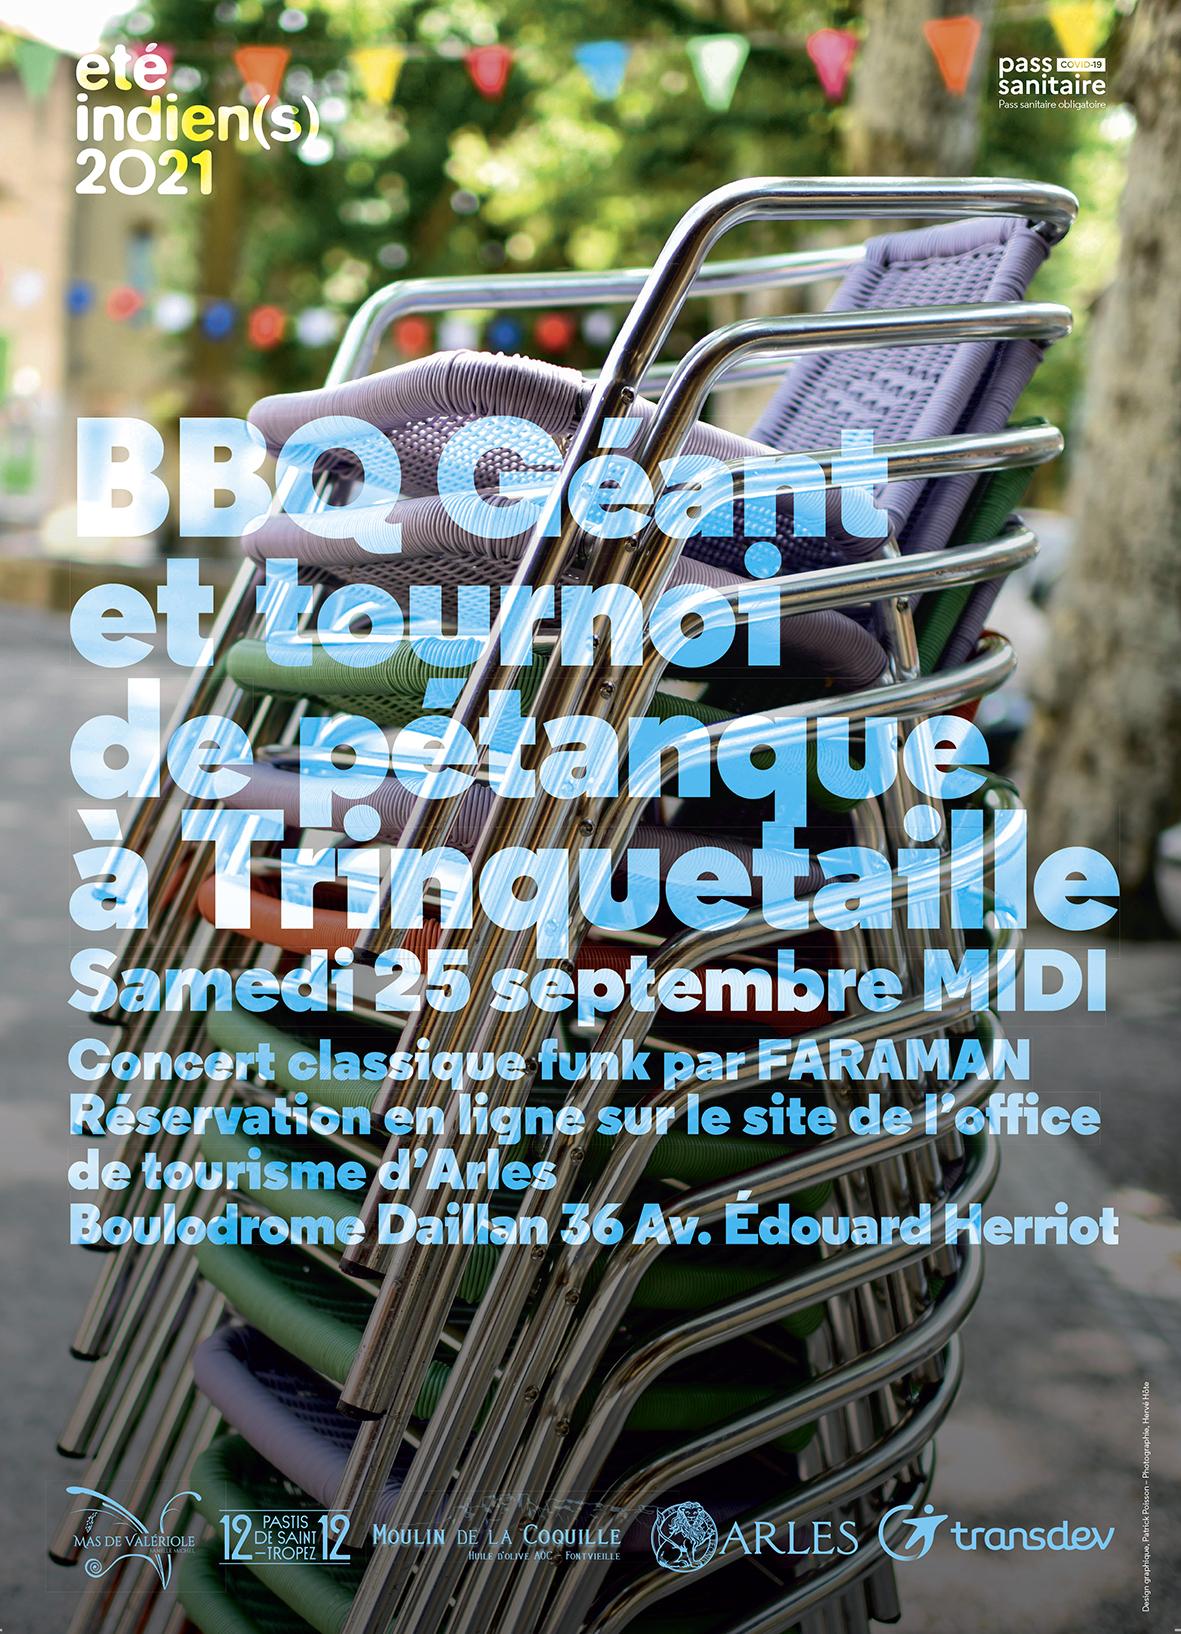 A l'occasion du festival été indien(s), le samedi 25 septembre a lieu un BBQ Géant. Au programme : grillades, tournoi de pétanque et concert funk. Réservation auprès de l'Office de tourisme d'Arles